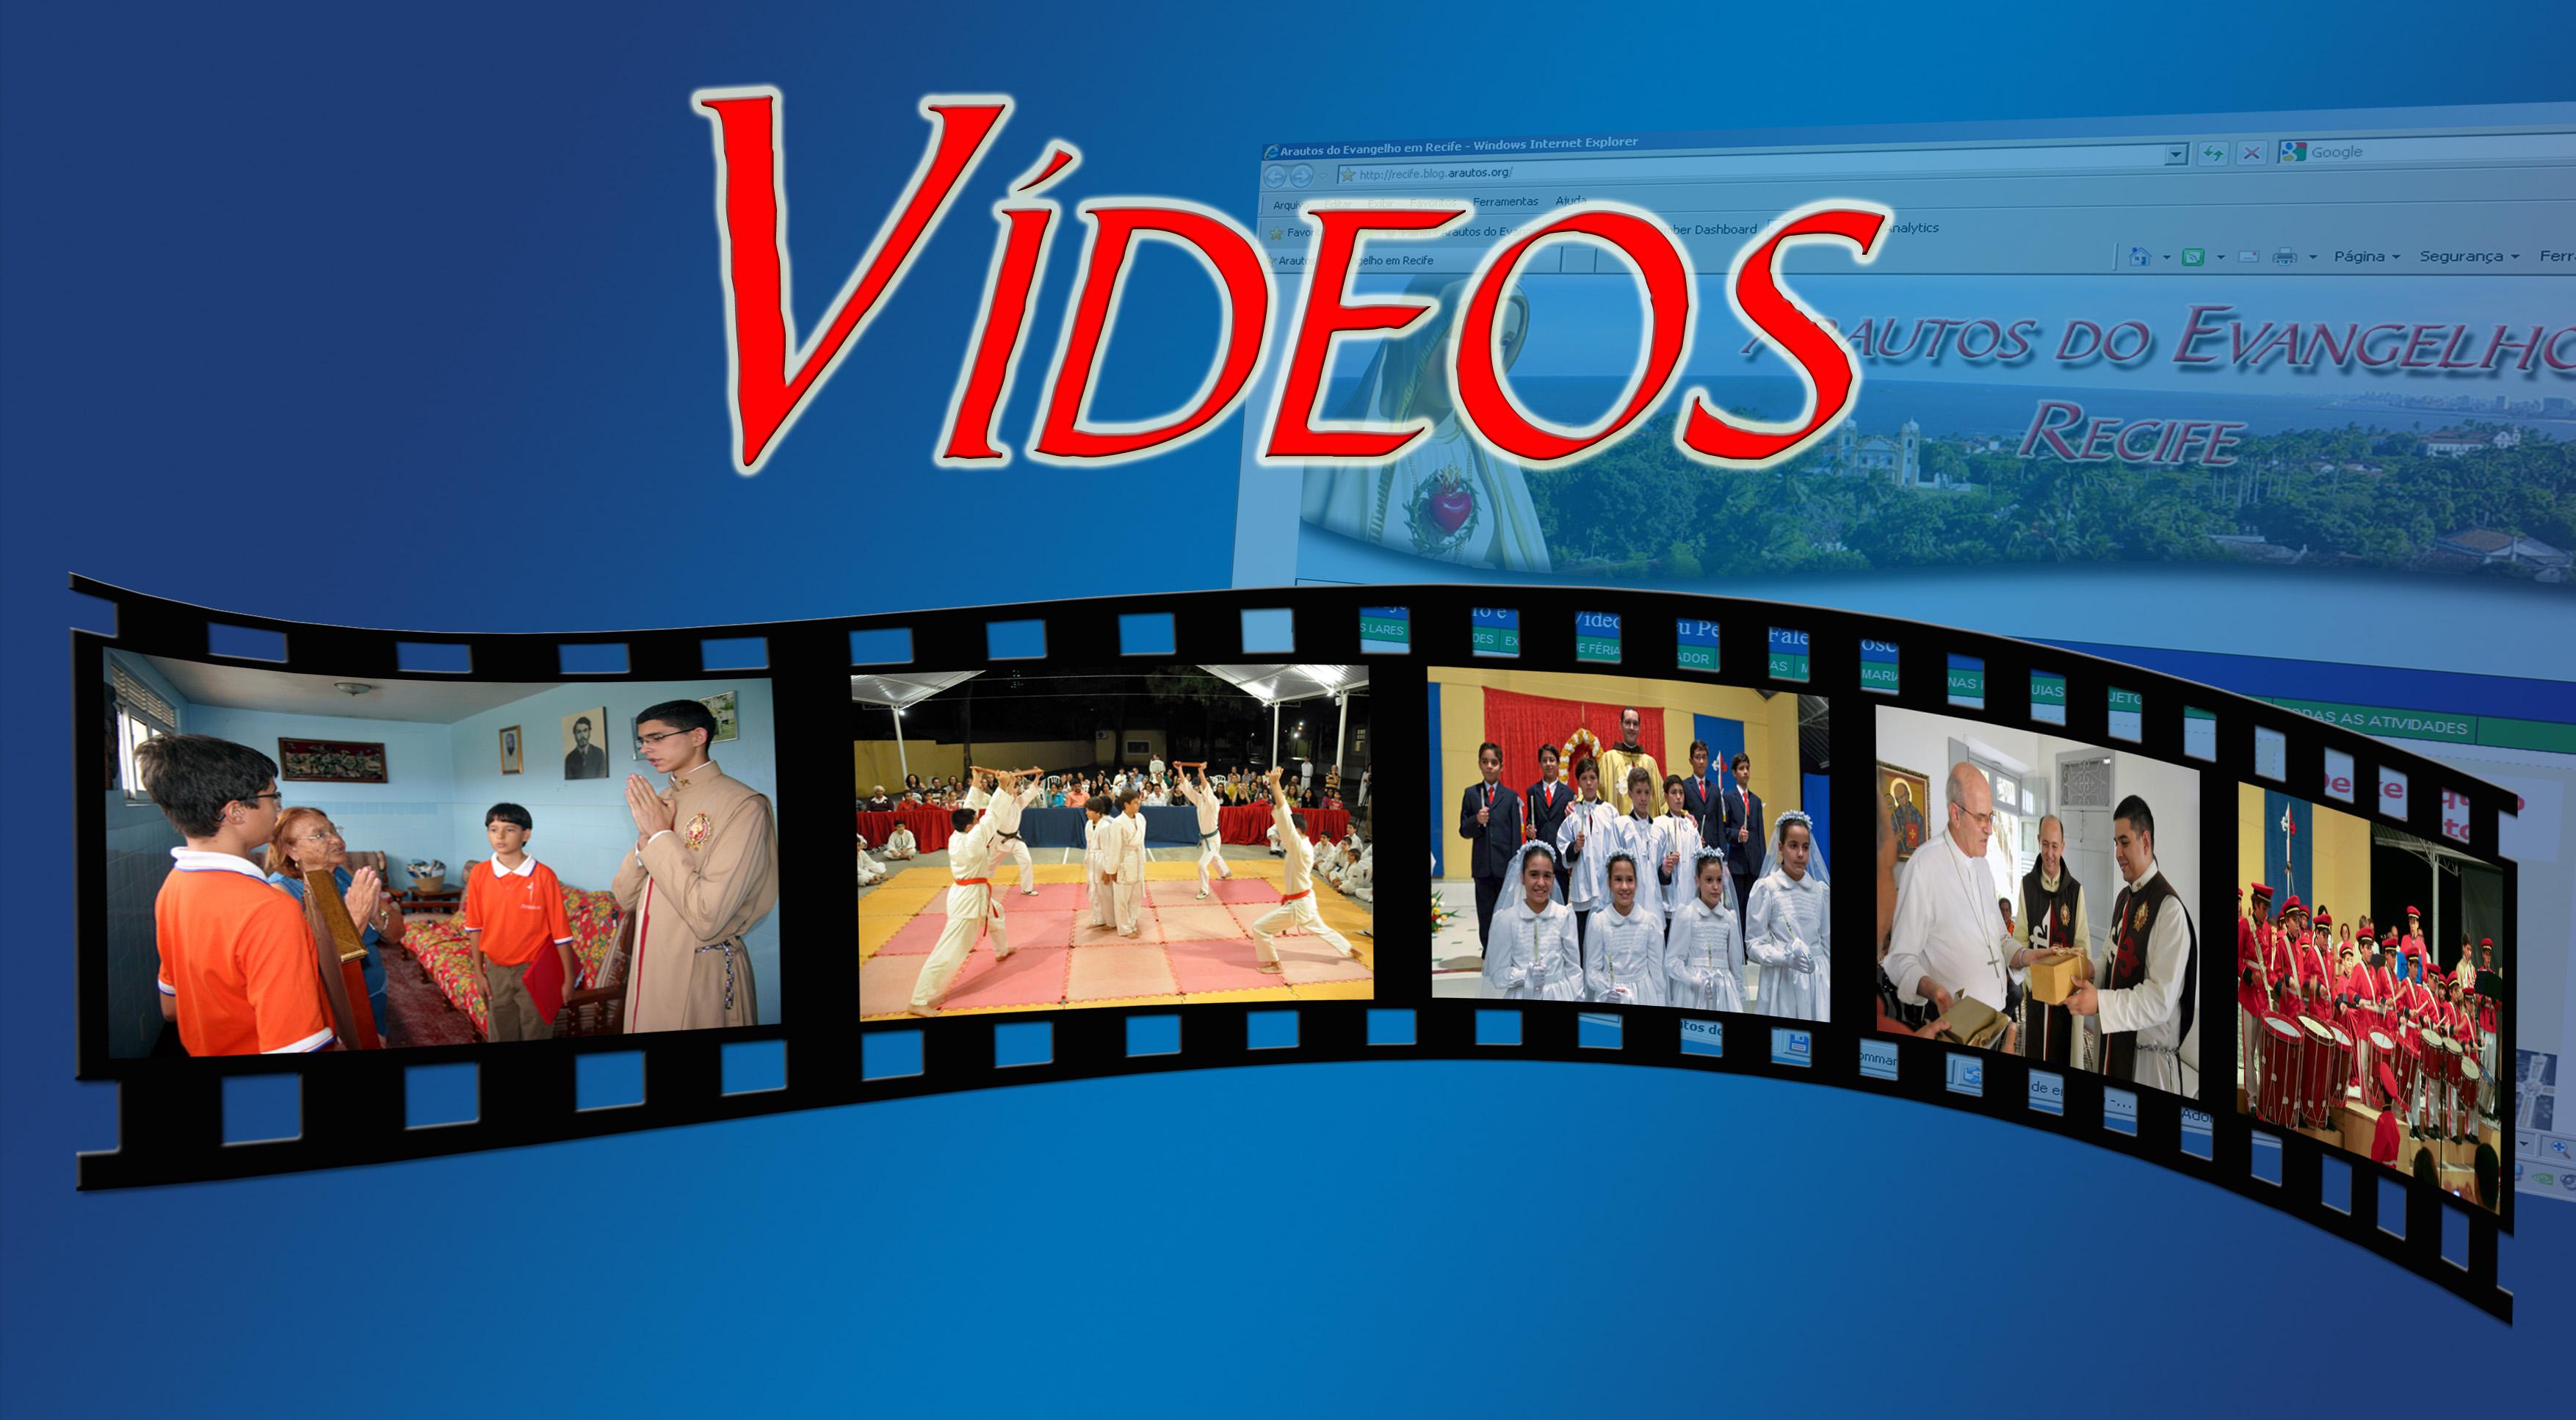 Vídeos do blog dos Arautos do Evangelho de Recife